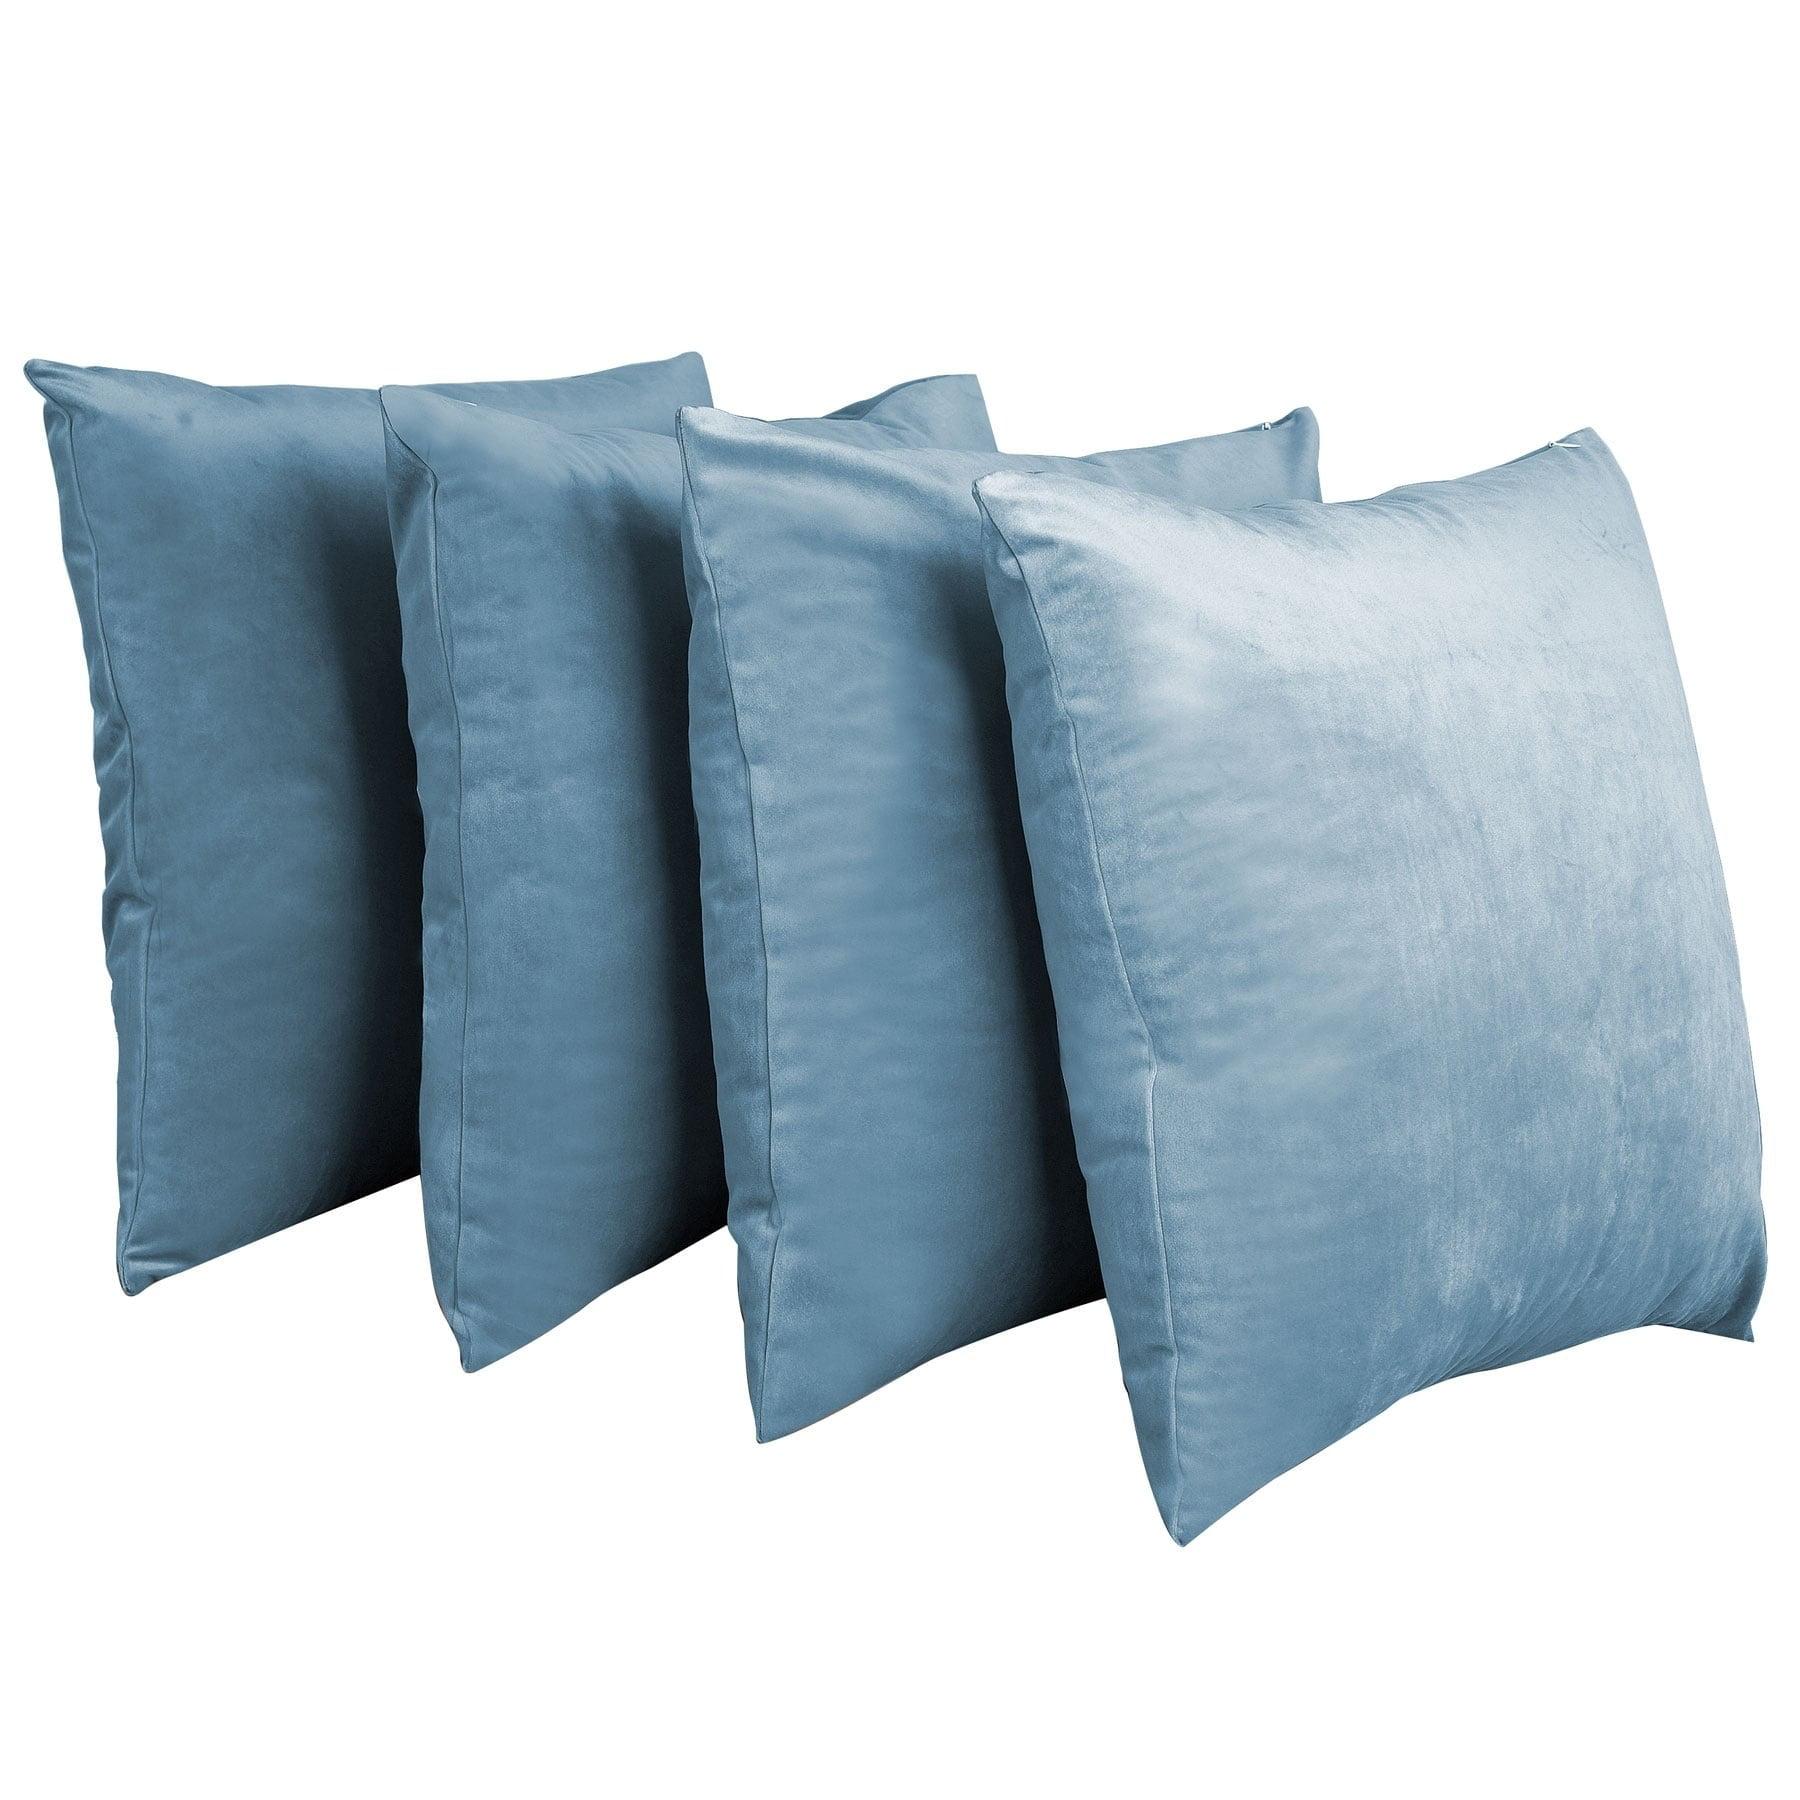 BOON Supersoft Pillow Shell 4 Piece Set